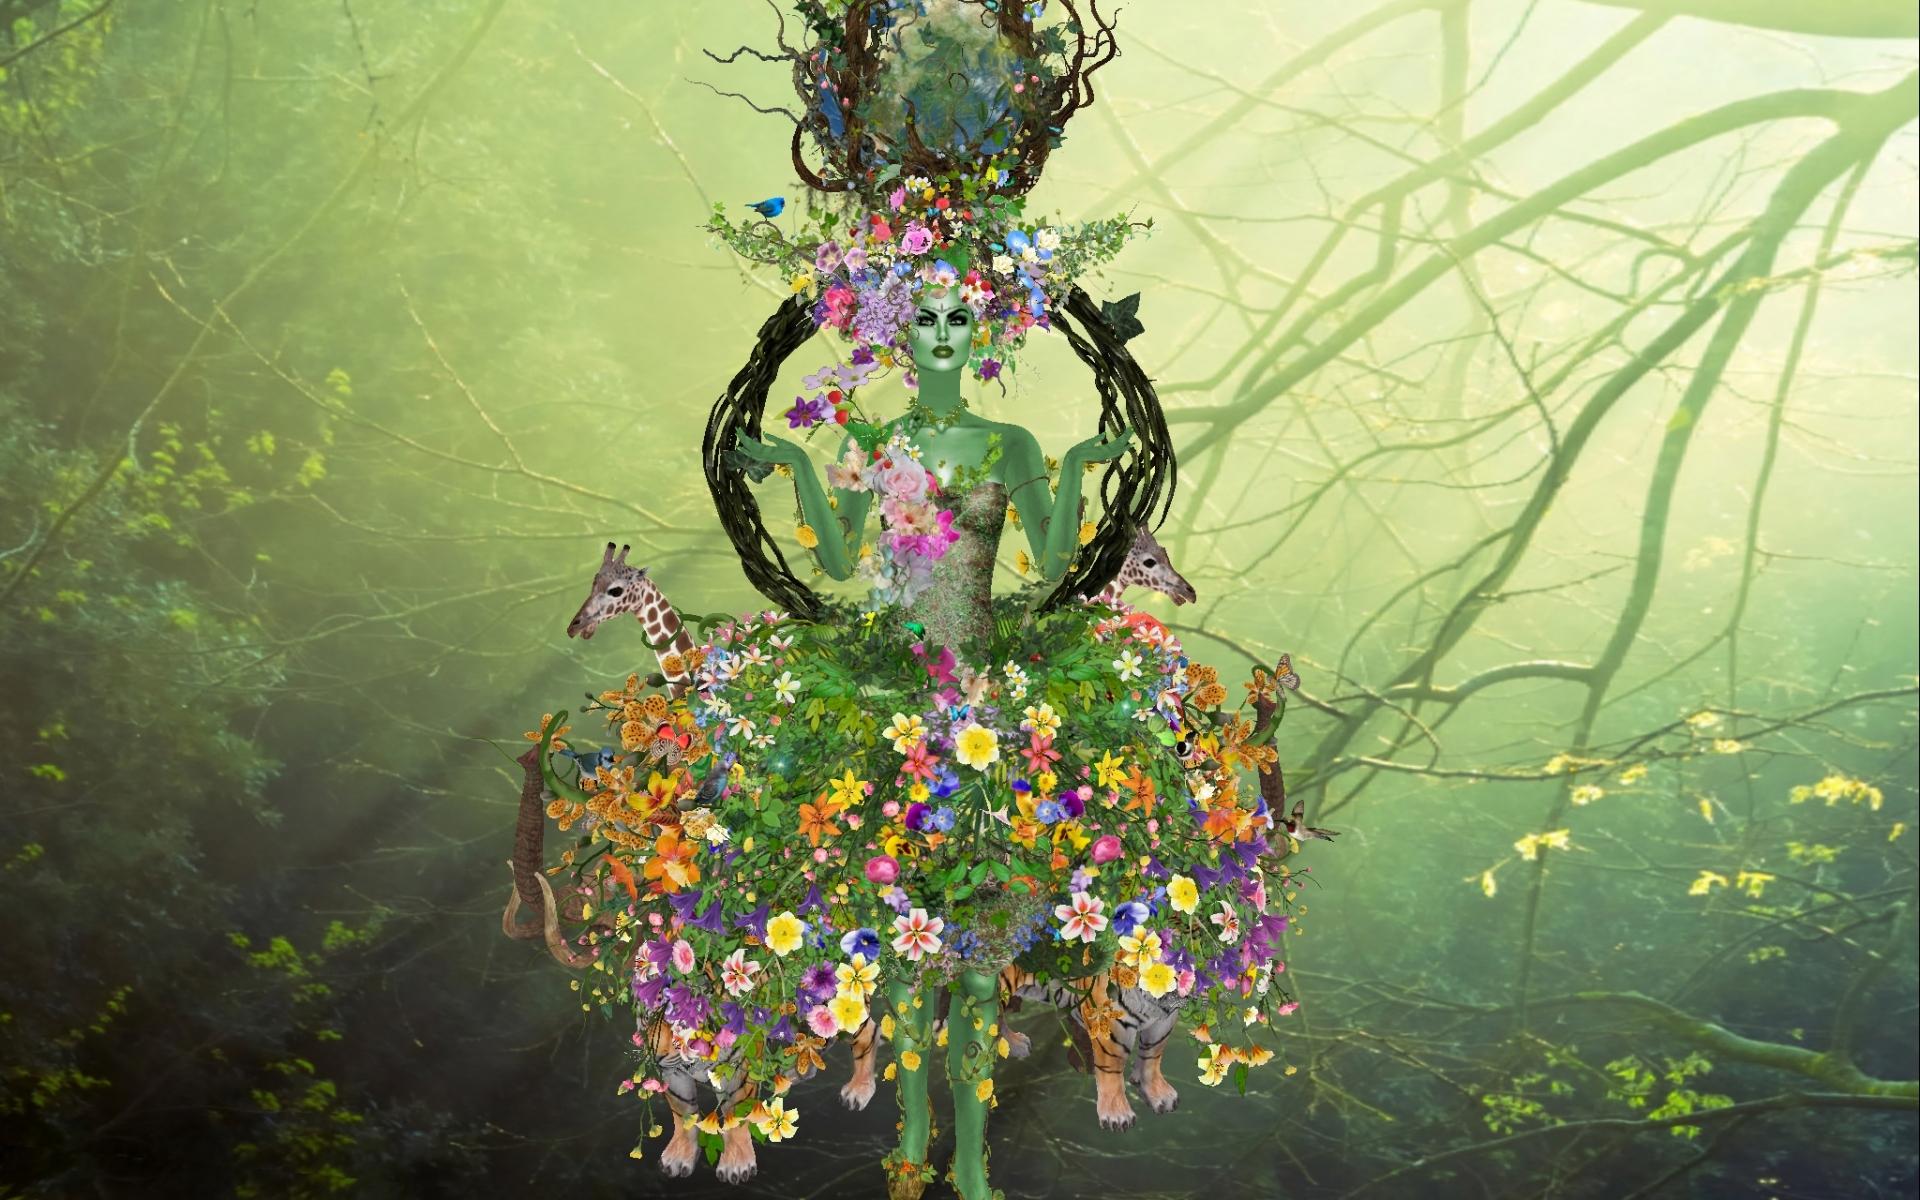 Flores y la madre abstracta - 1920x1200